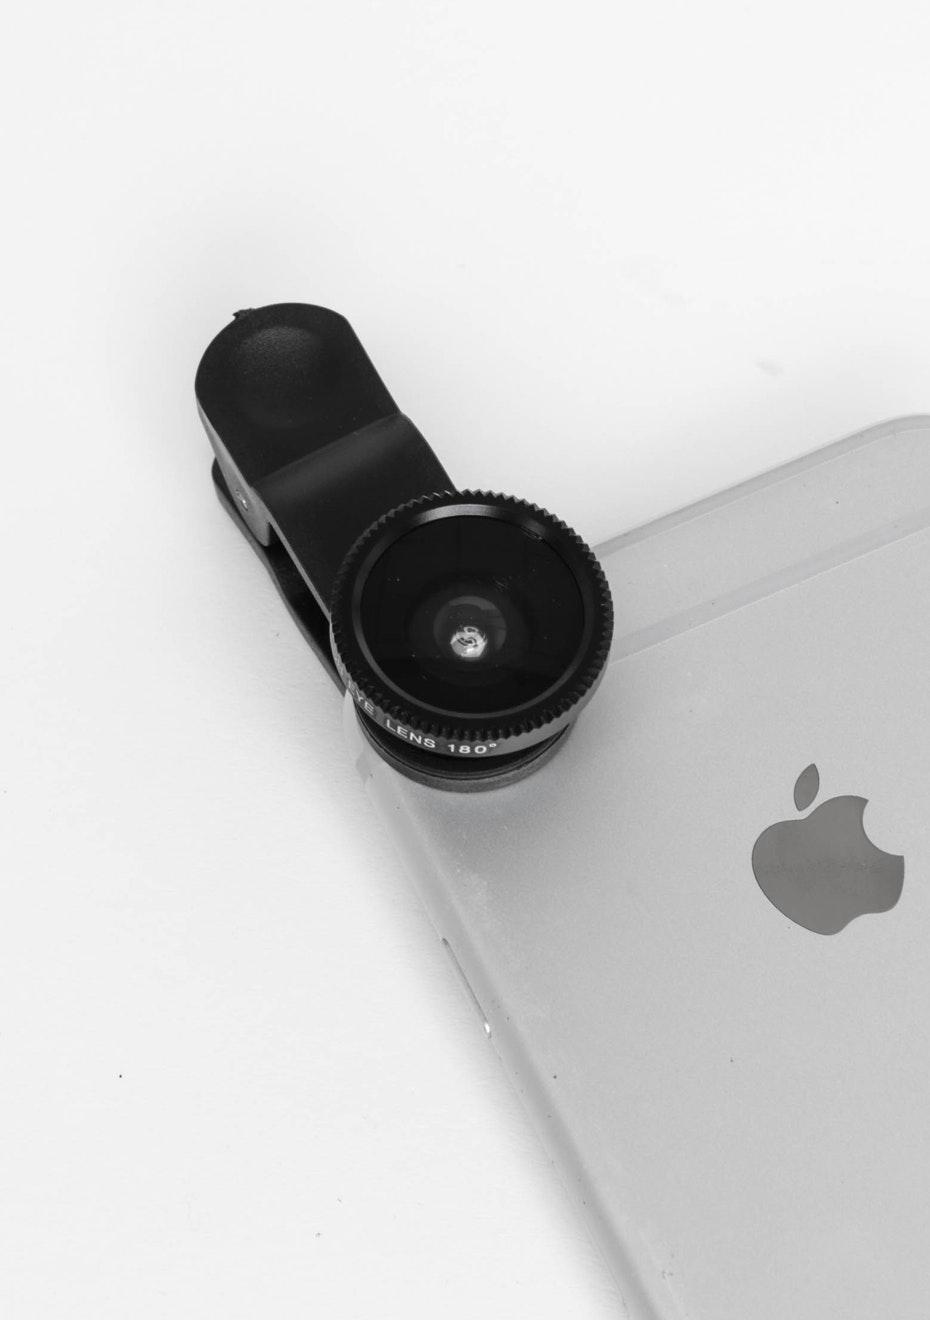 Fish-Eye Phone Lens - Black